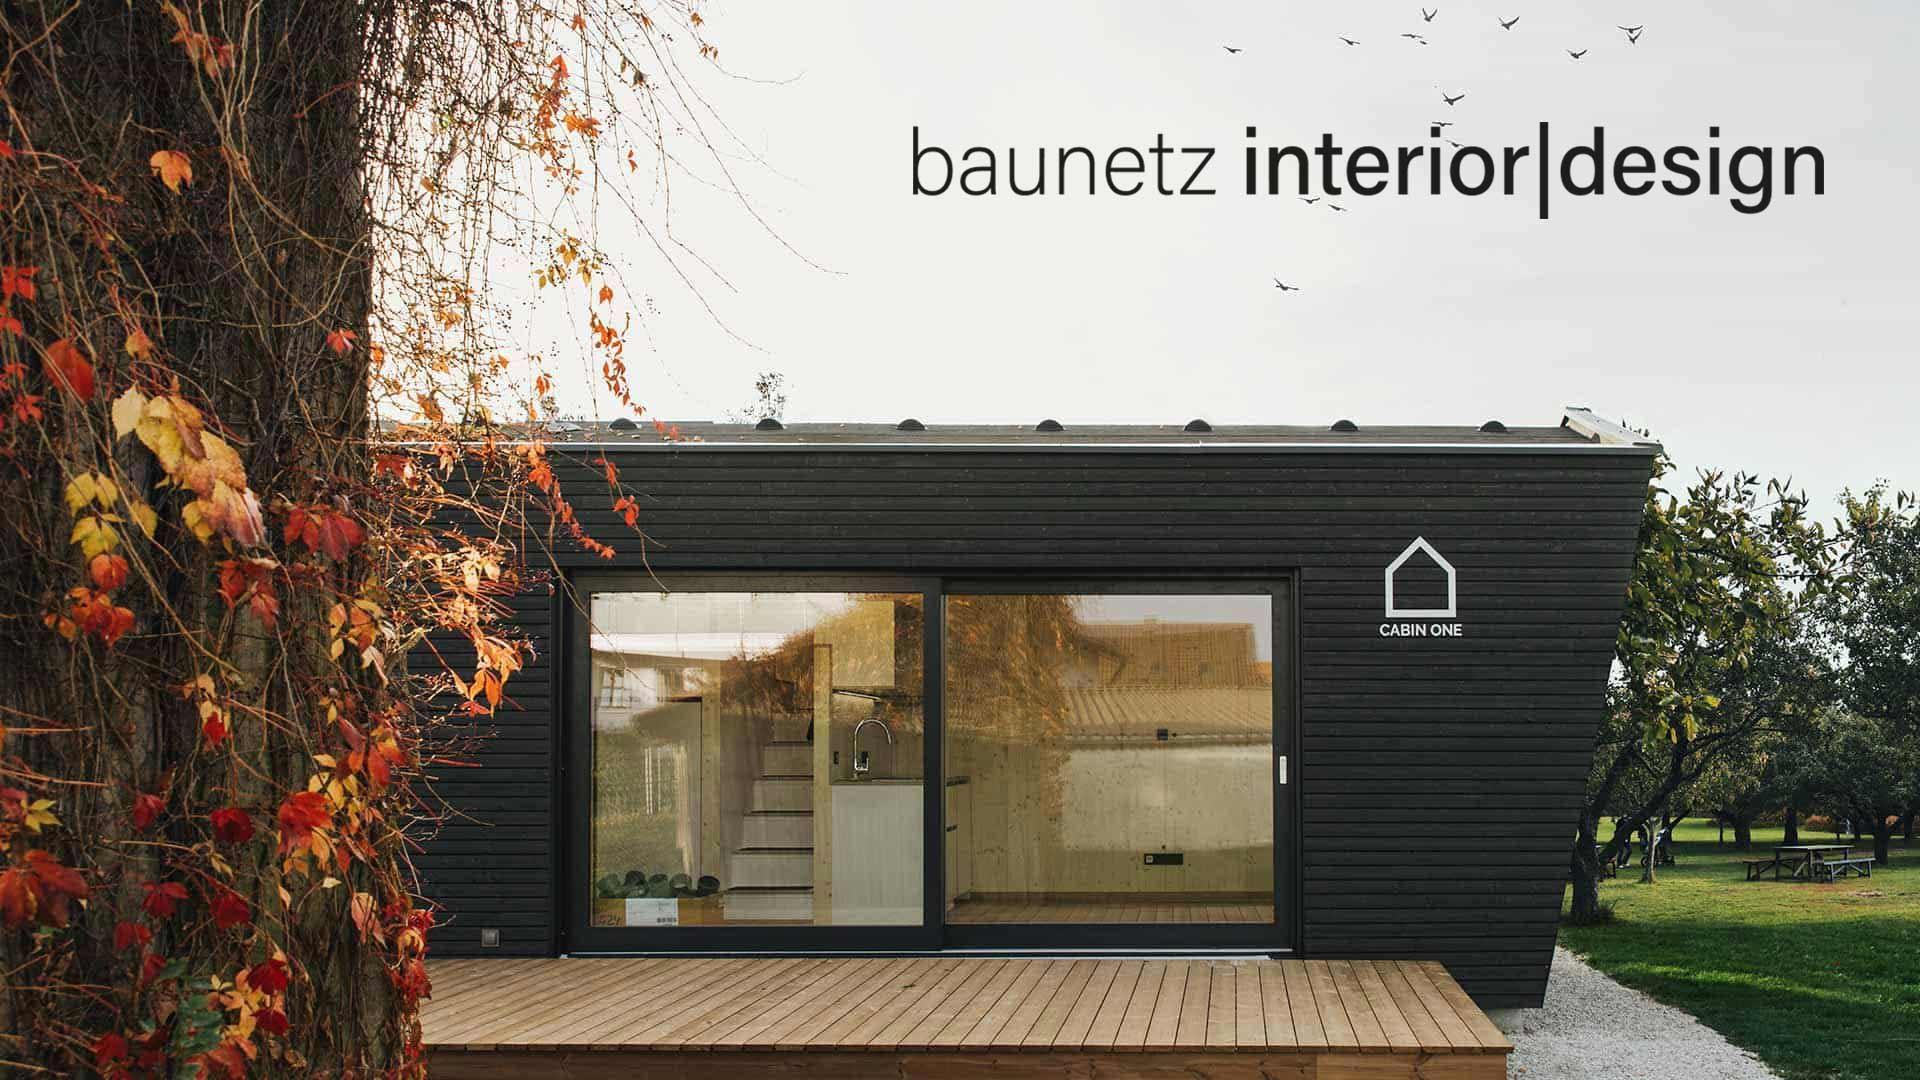 Cabin One auf Baunetz ID interior design Gira Referenz Architektur